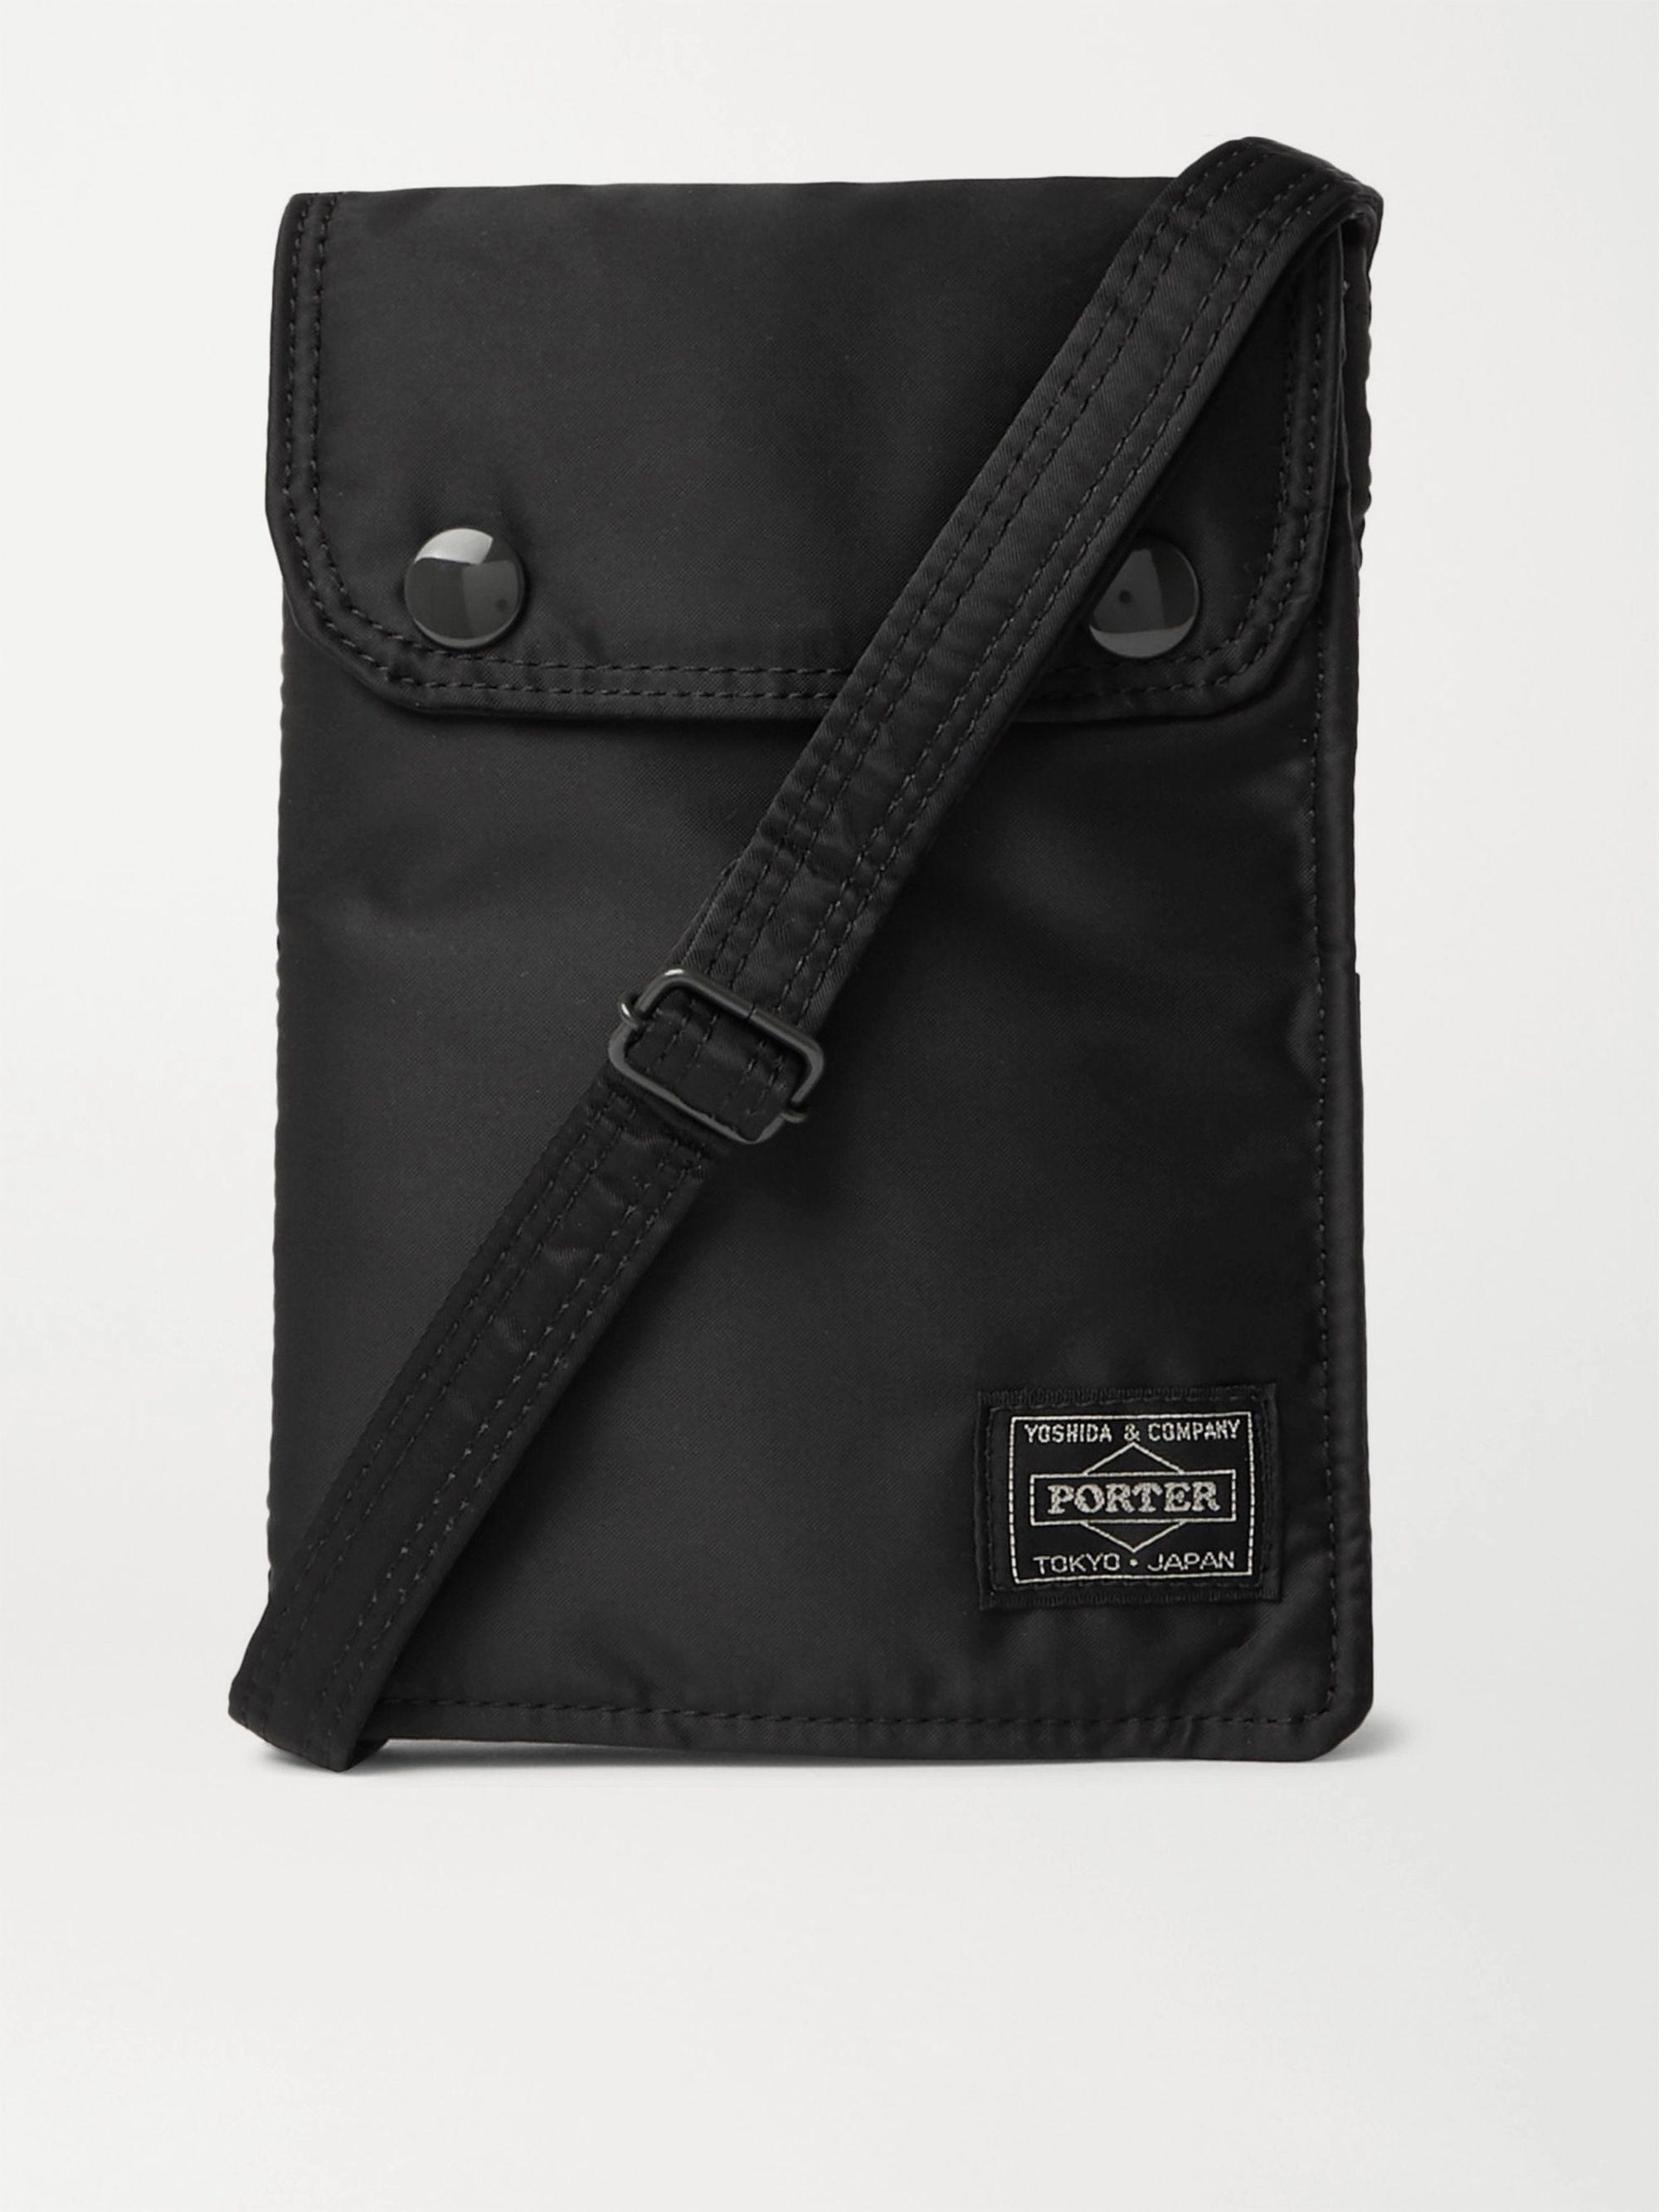 PORTER-YOSHIDA & CO Tanker Padded Nylon Messenger Bag,Black